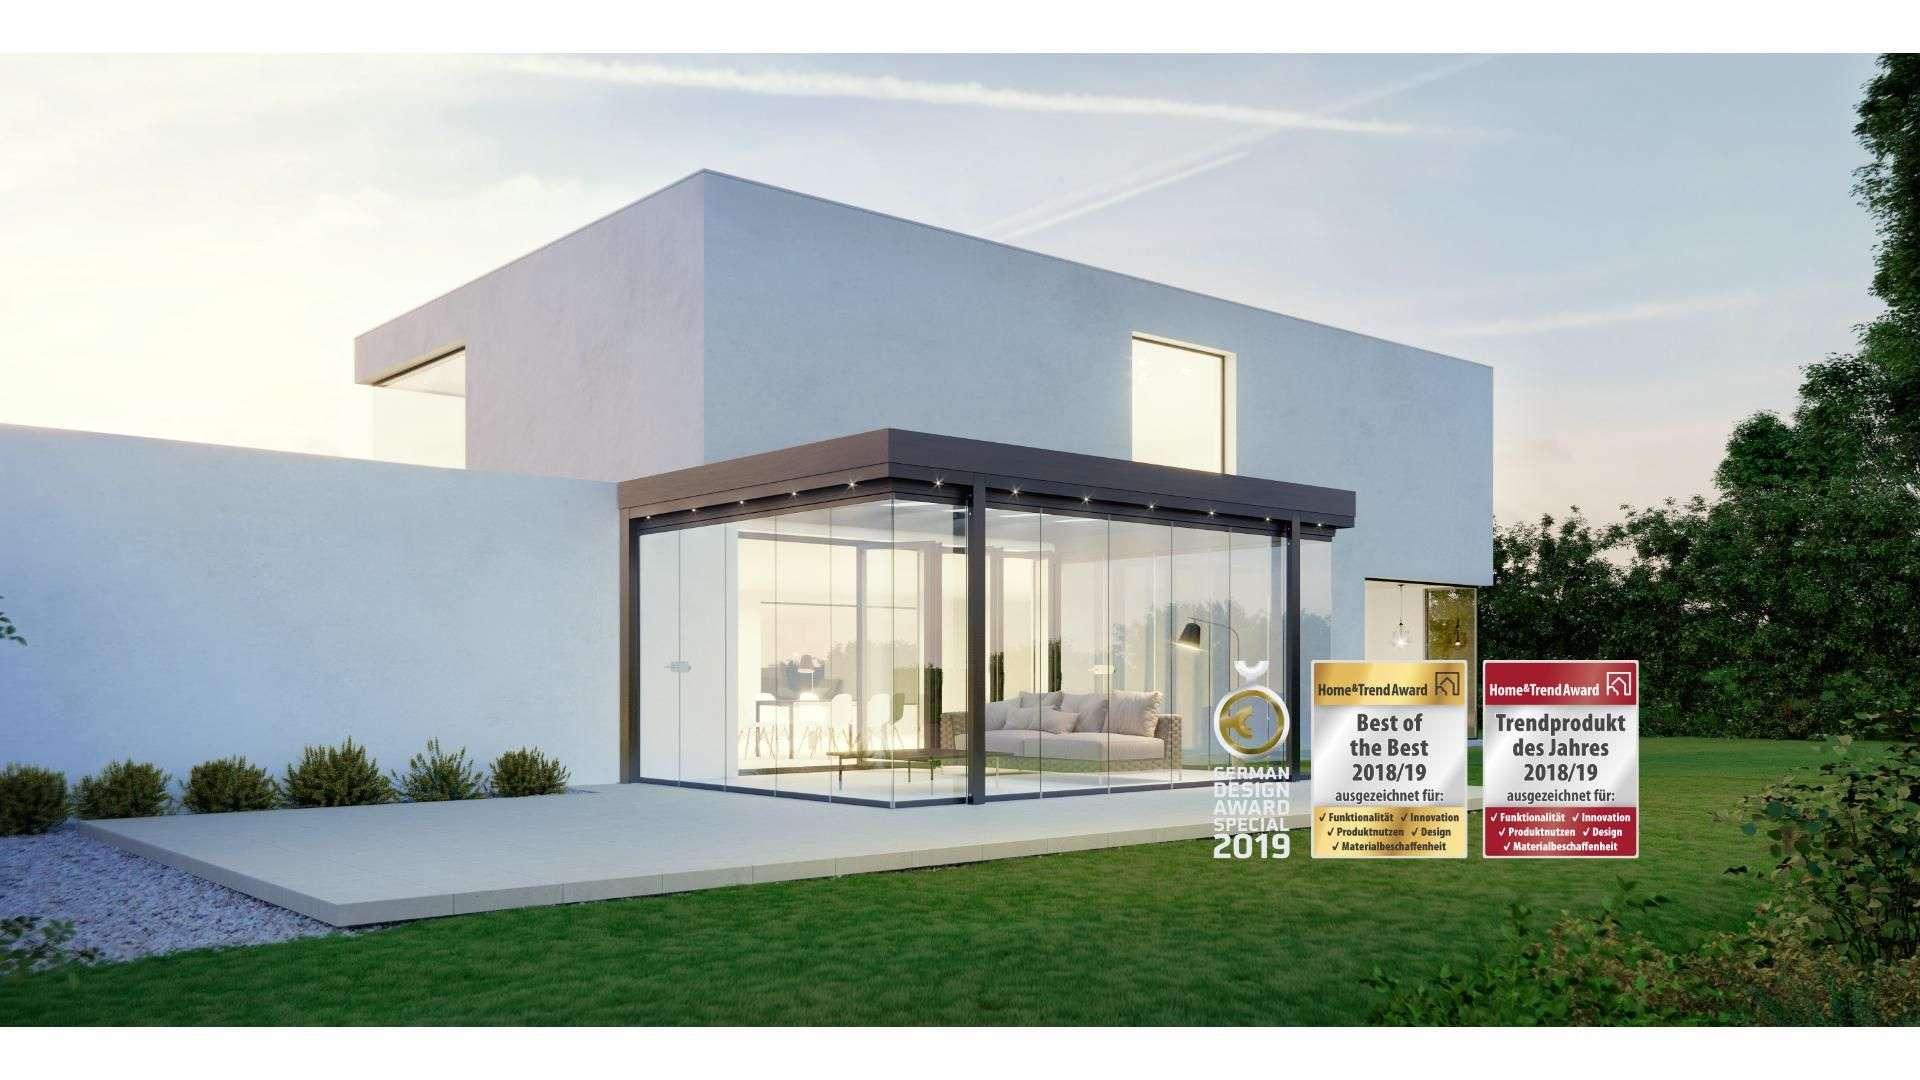 Solarlux SDL Acubis Terrassendach in einem modernen Flachdachhaus mit diversen Auszeichnungen und Awards